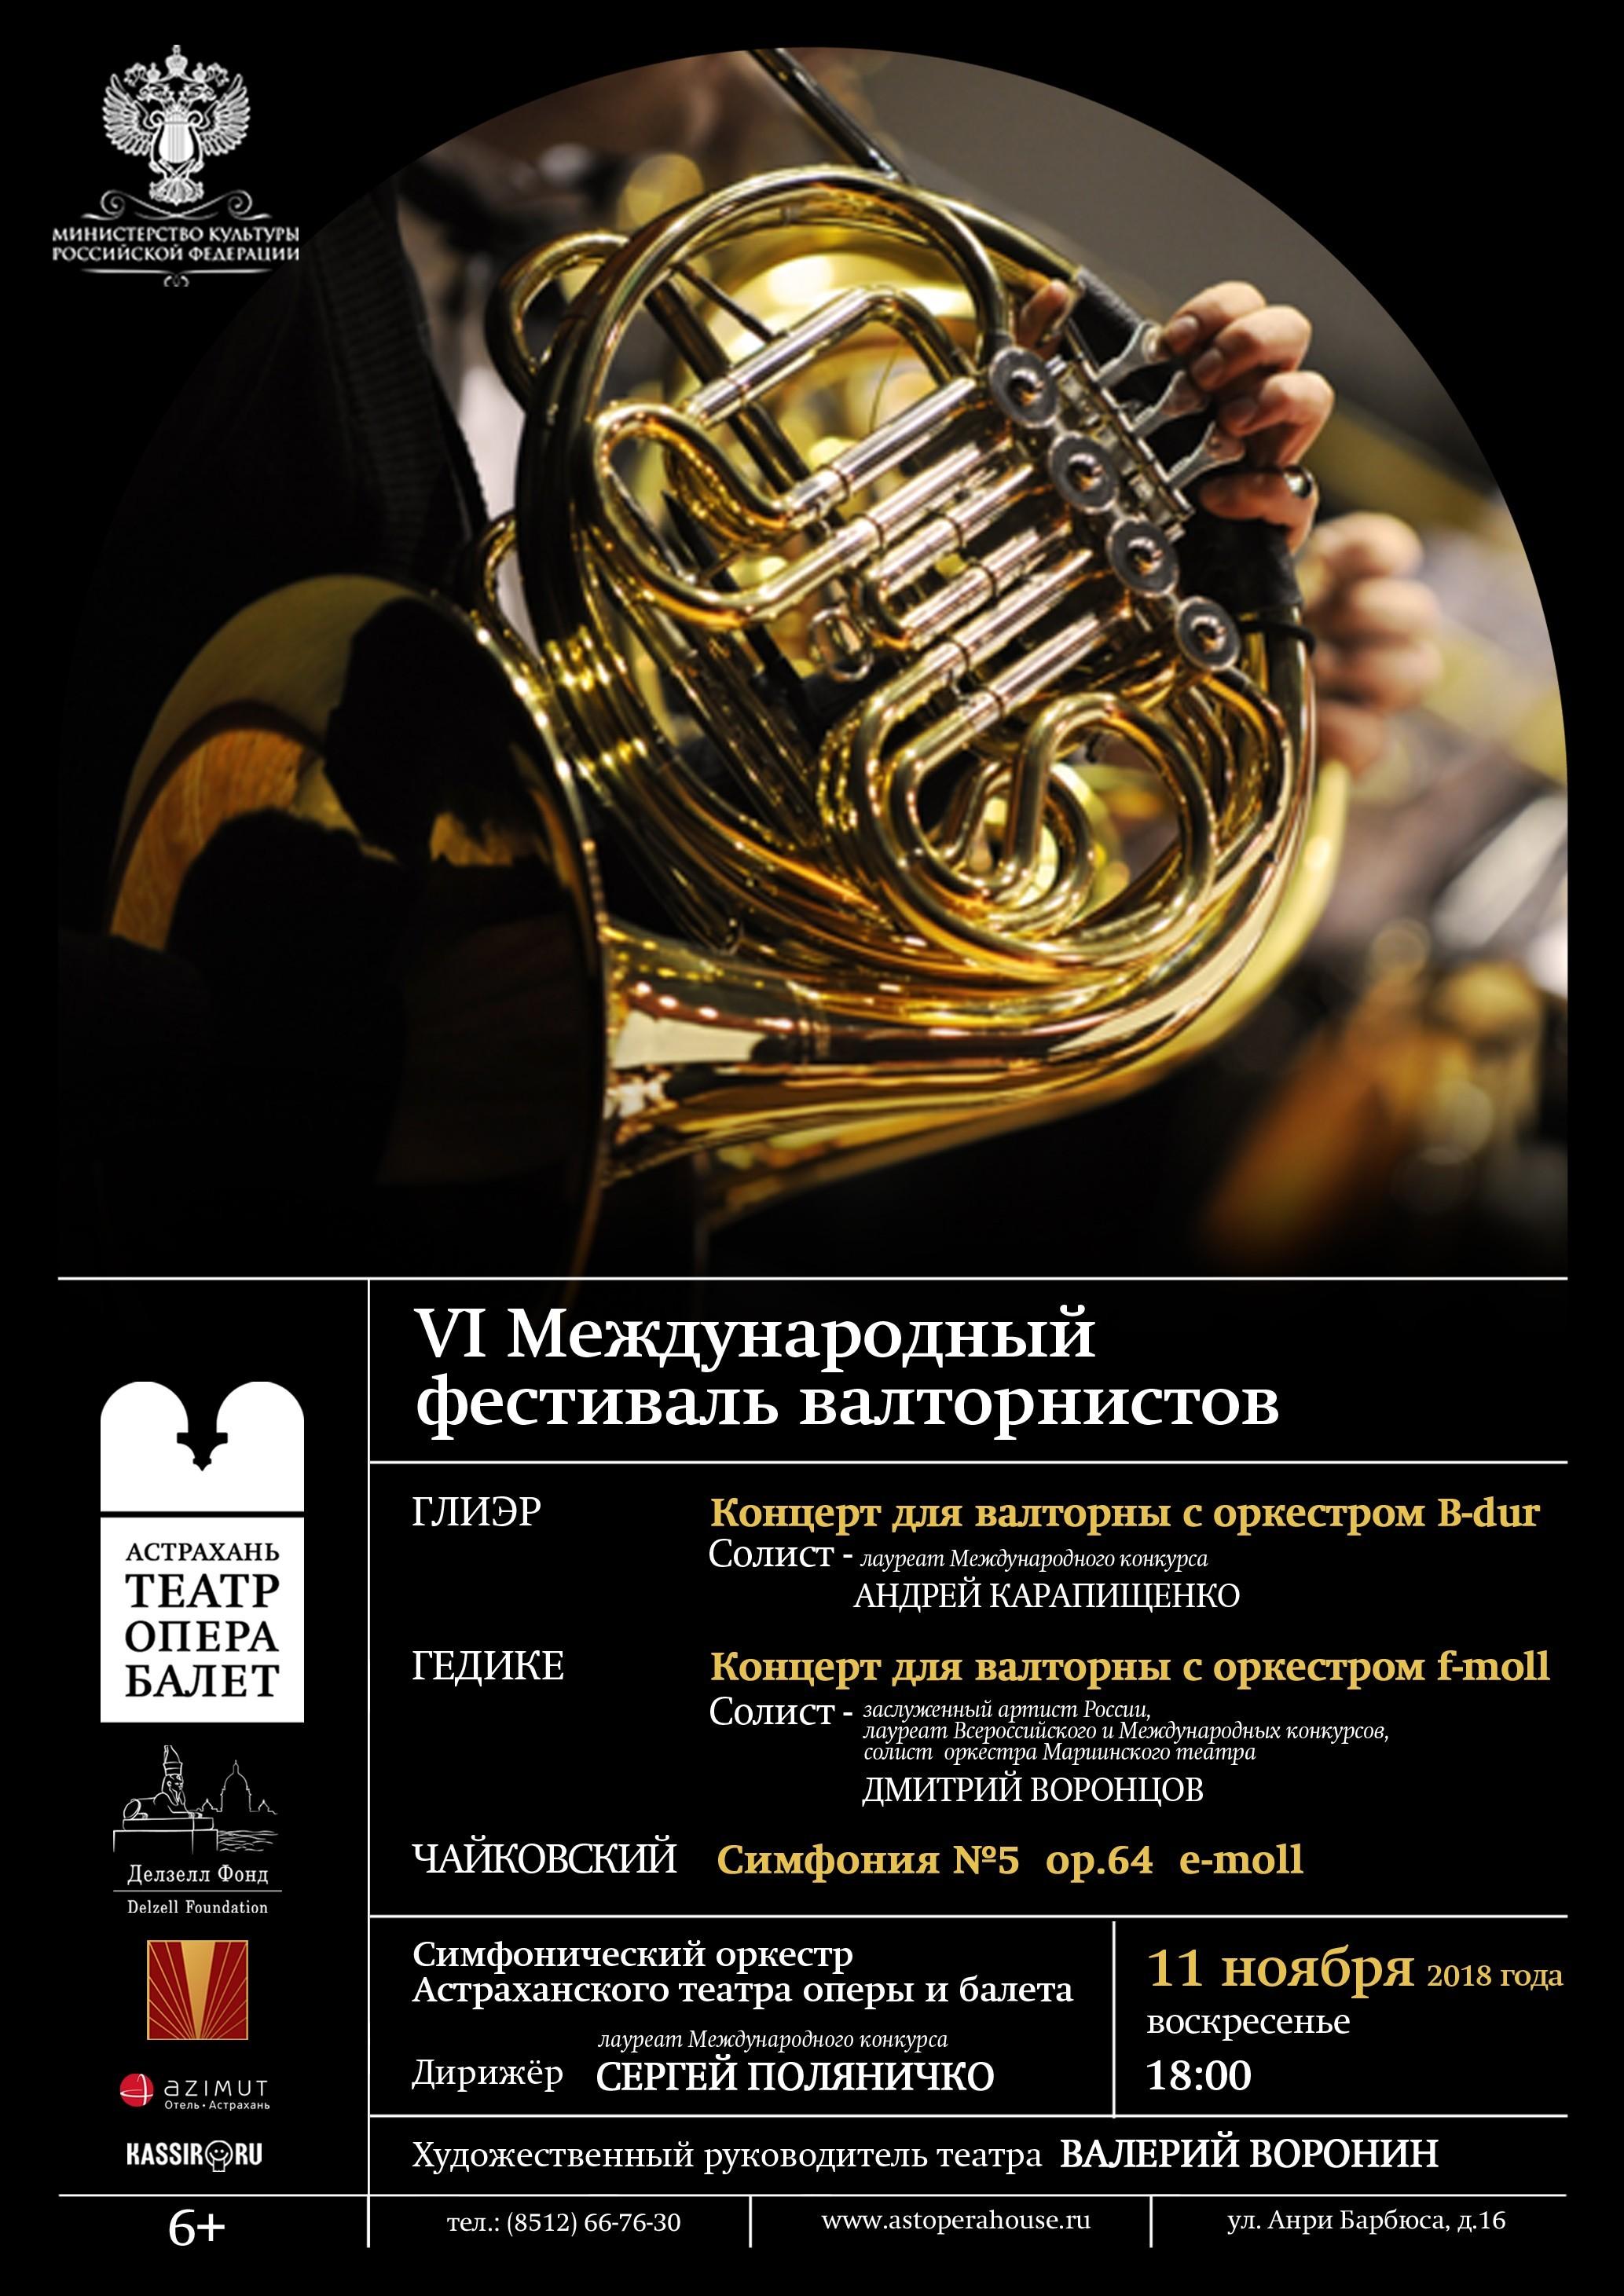 11 ноября в Астрахани стартует уникальный фестиваль